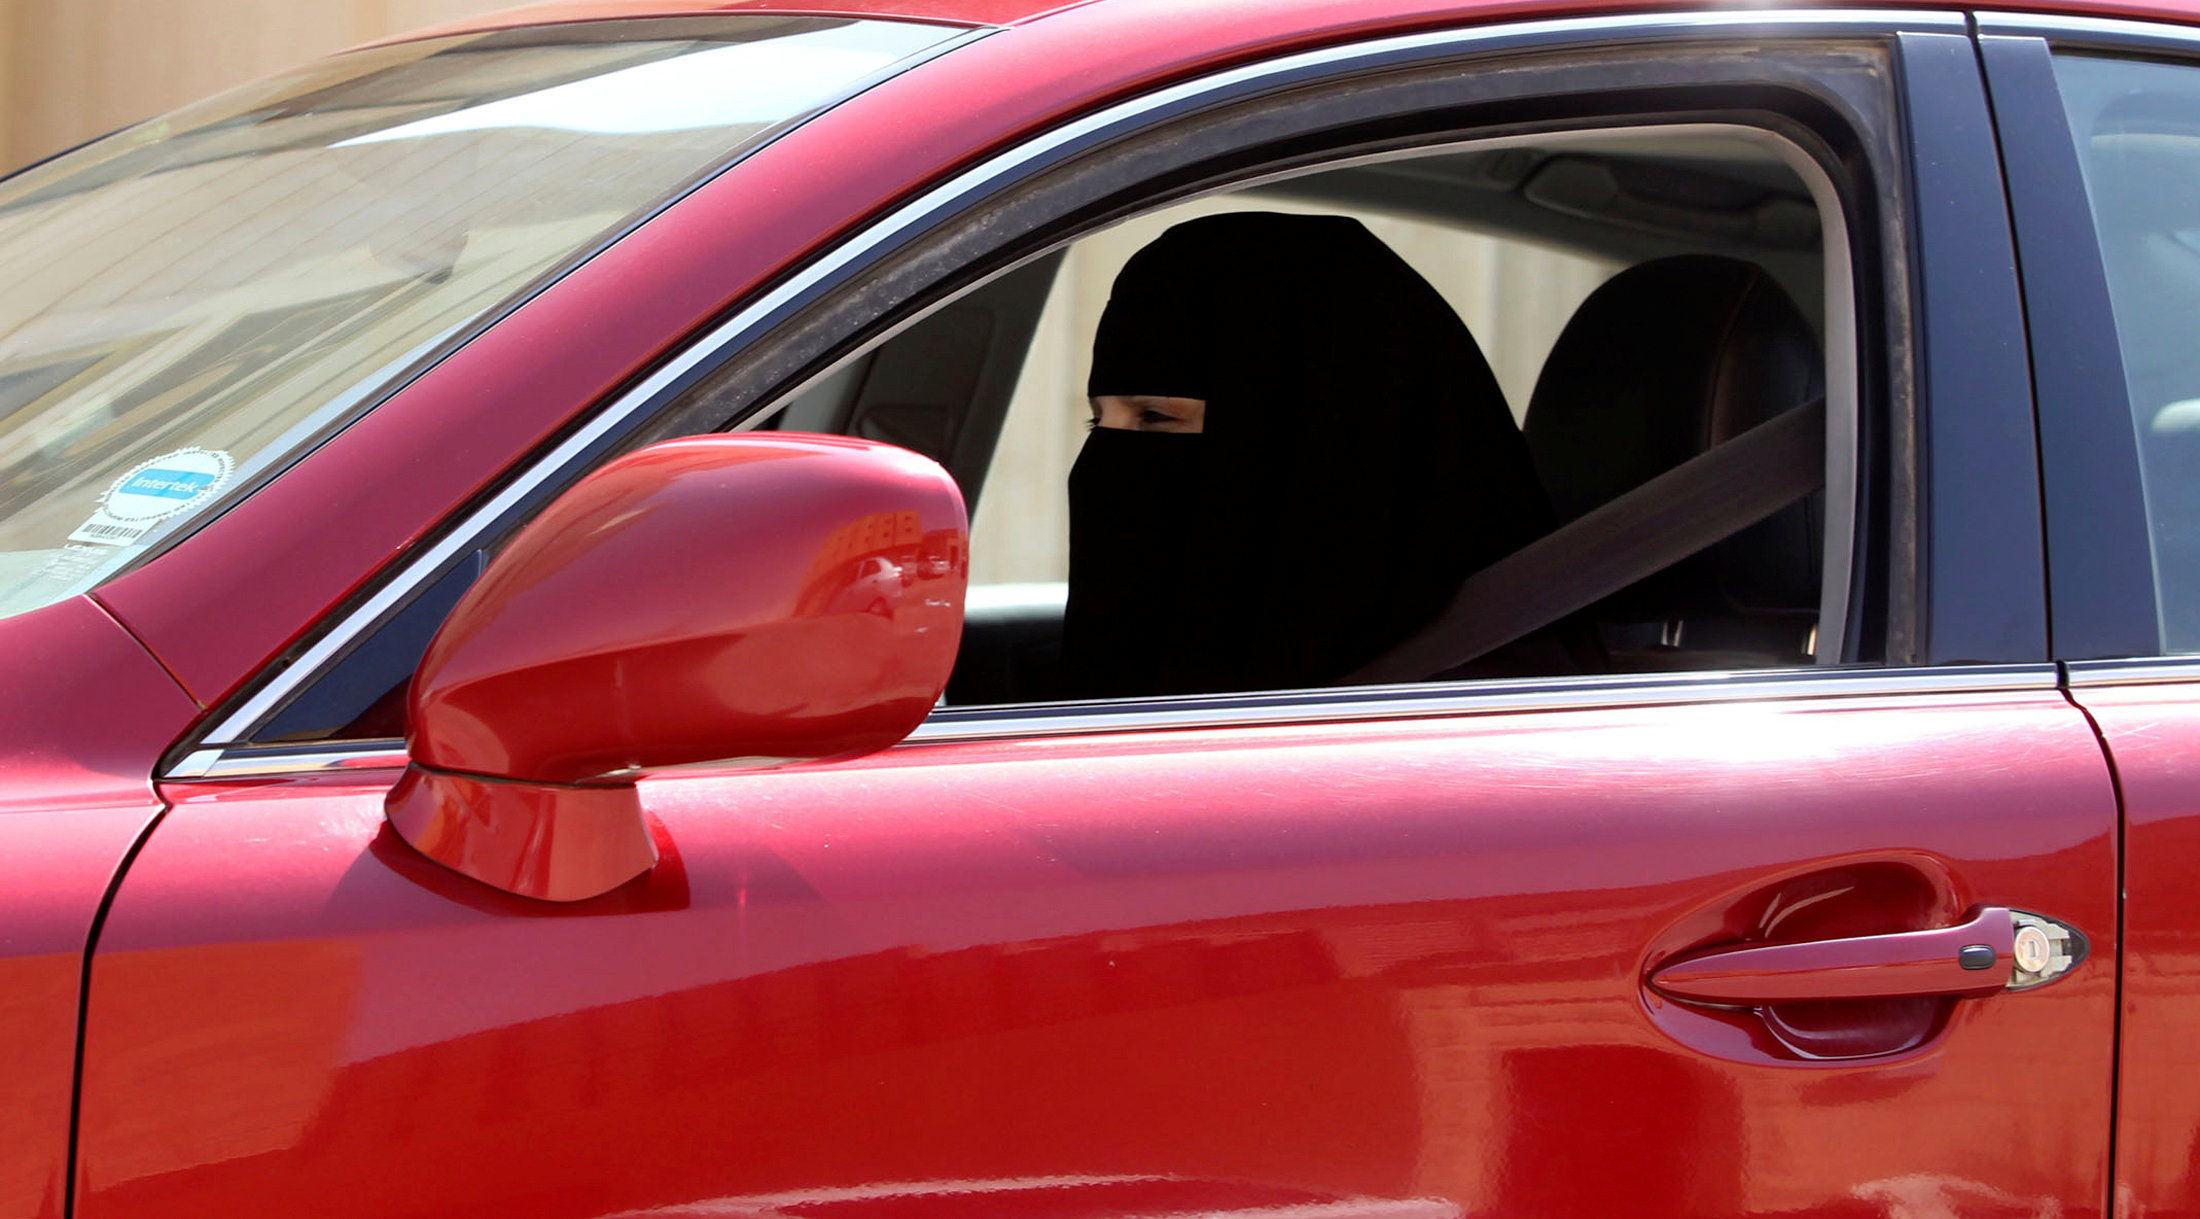 صورة السلطات السعودية تلاحق شخصا هدد بقتل كل من يؤيد قيادة النساء للسيارات